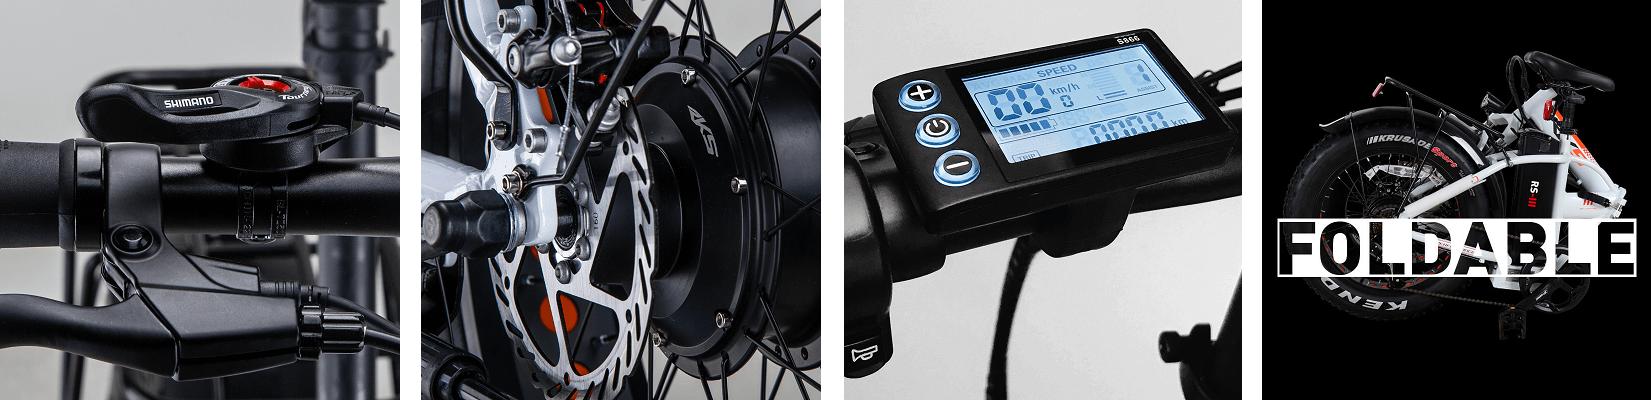 elektricni bicikl rks rs iii (details banner)